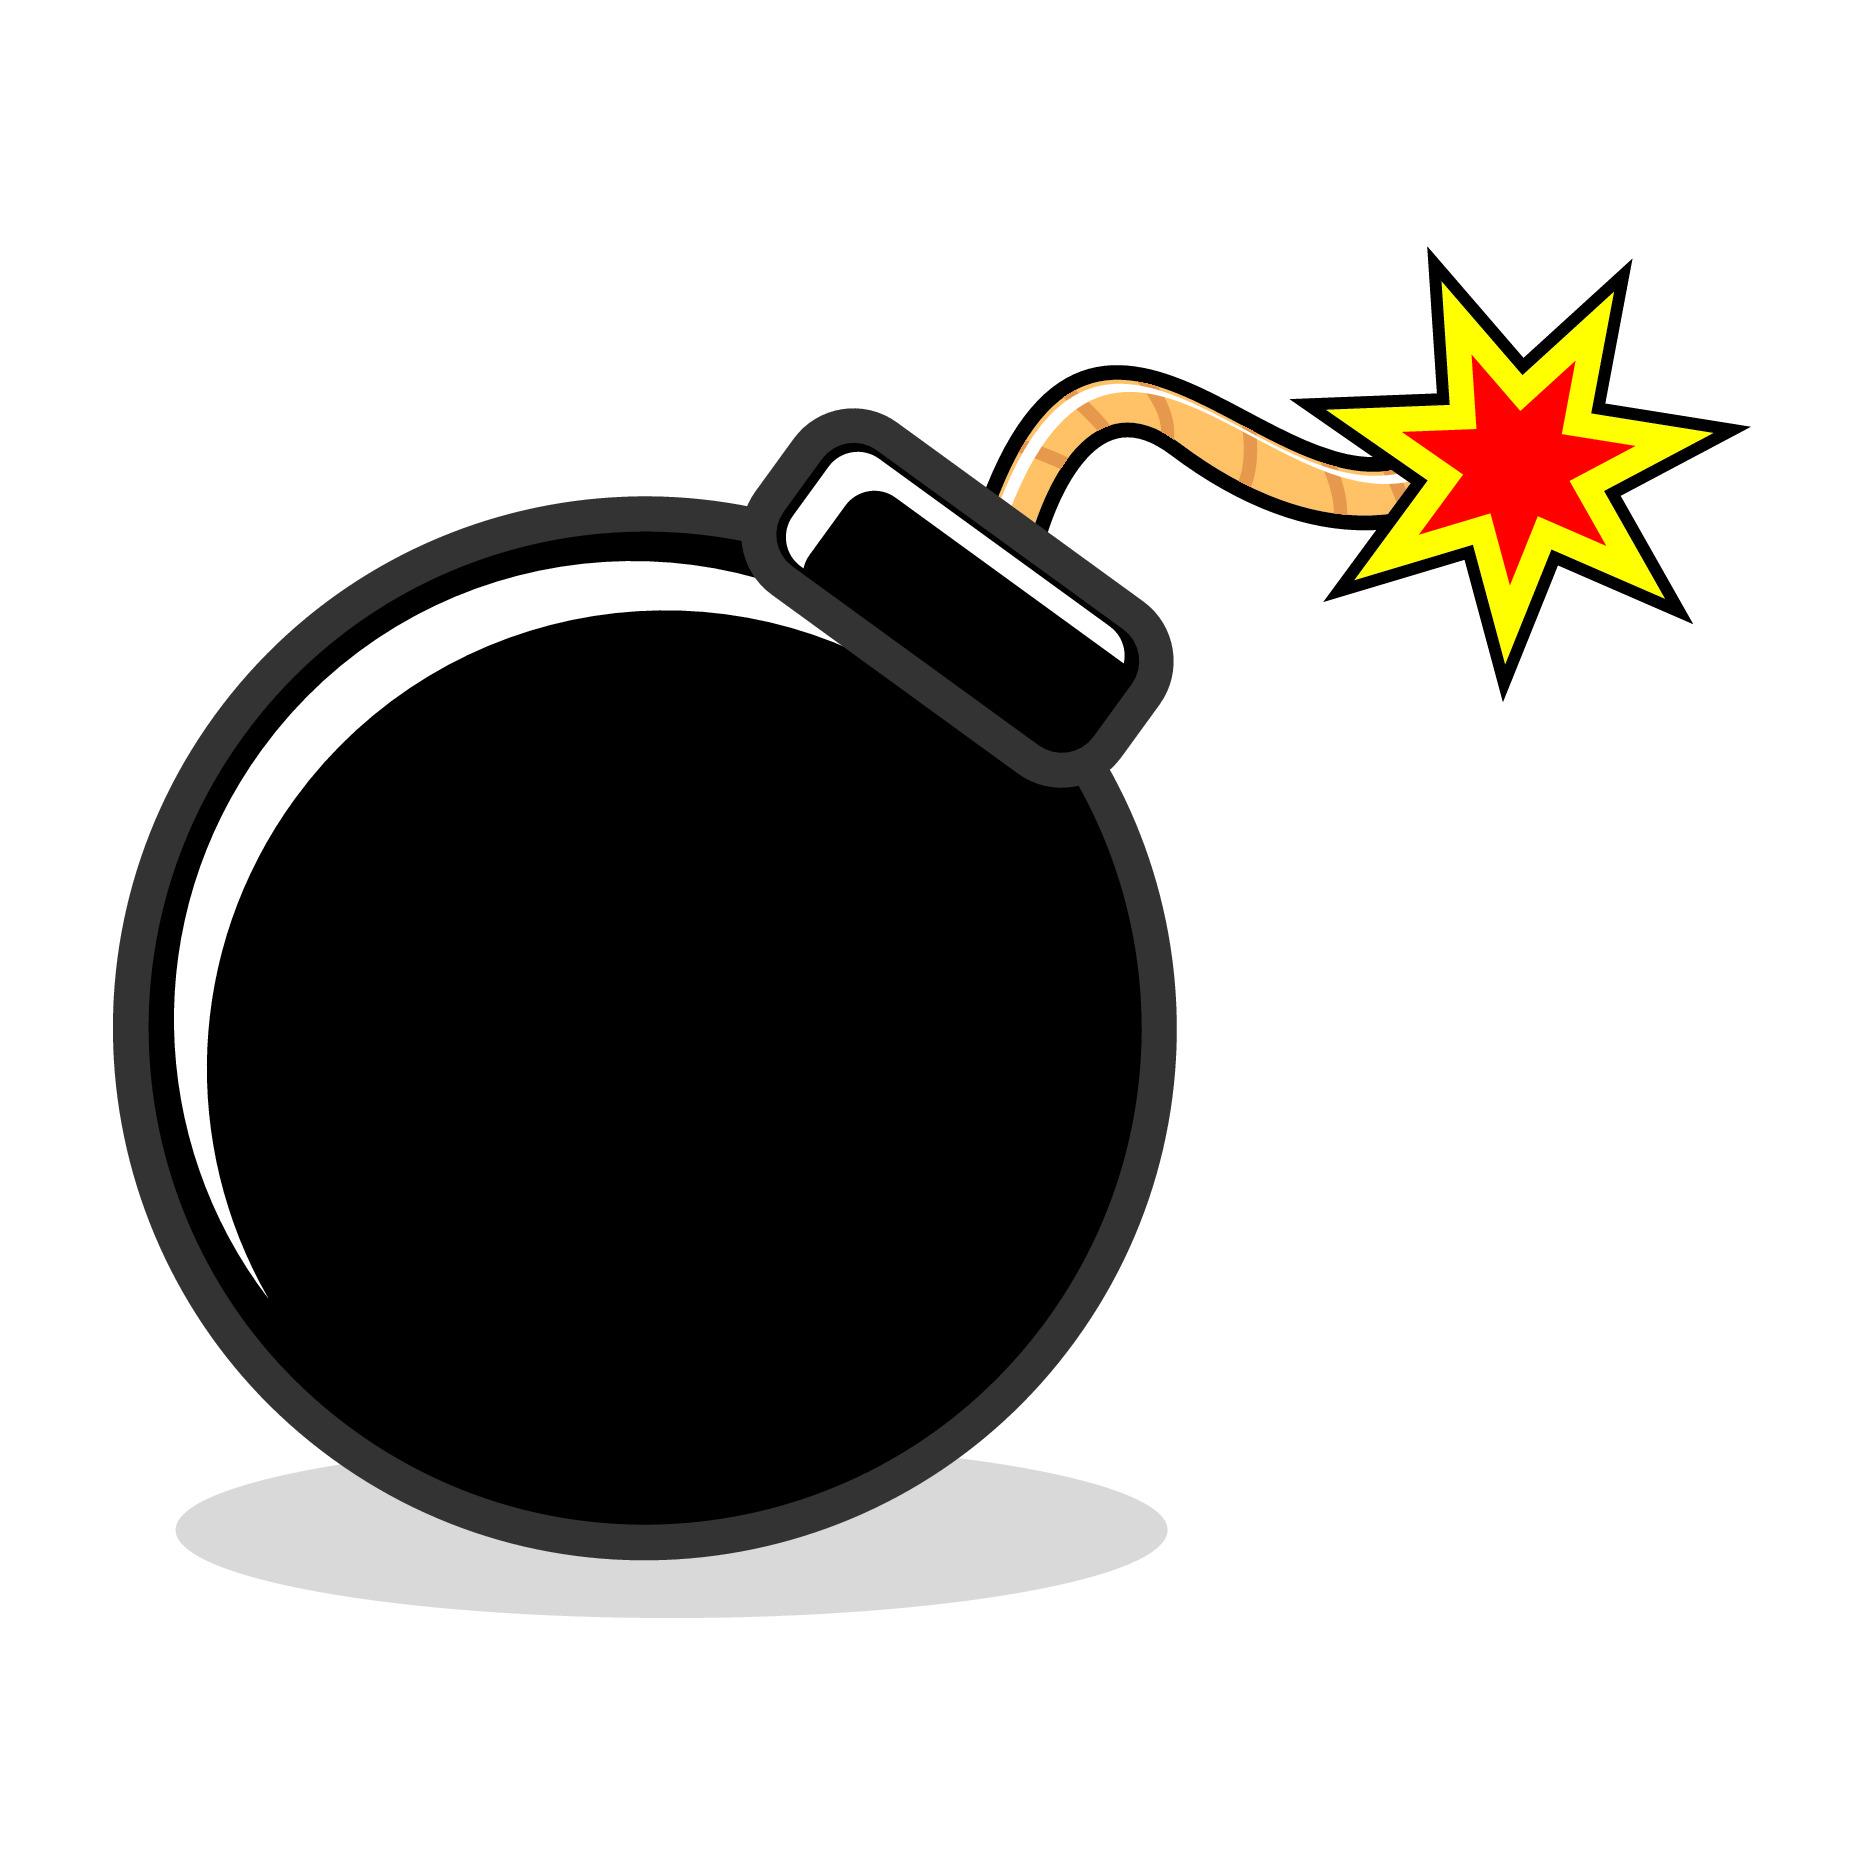 Bomb Clipart #171-Bomb Clipart #171-8